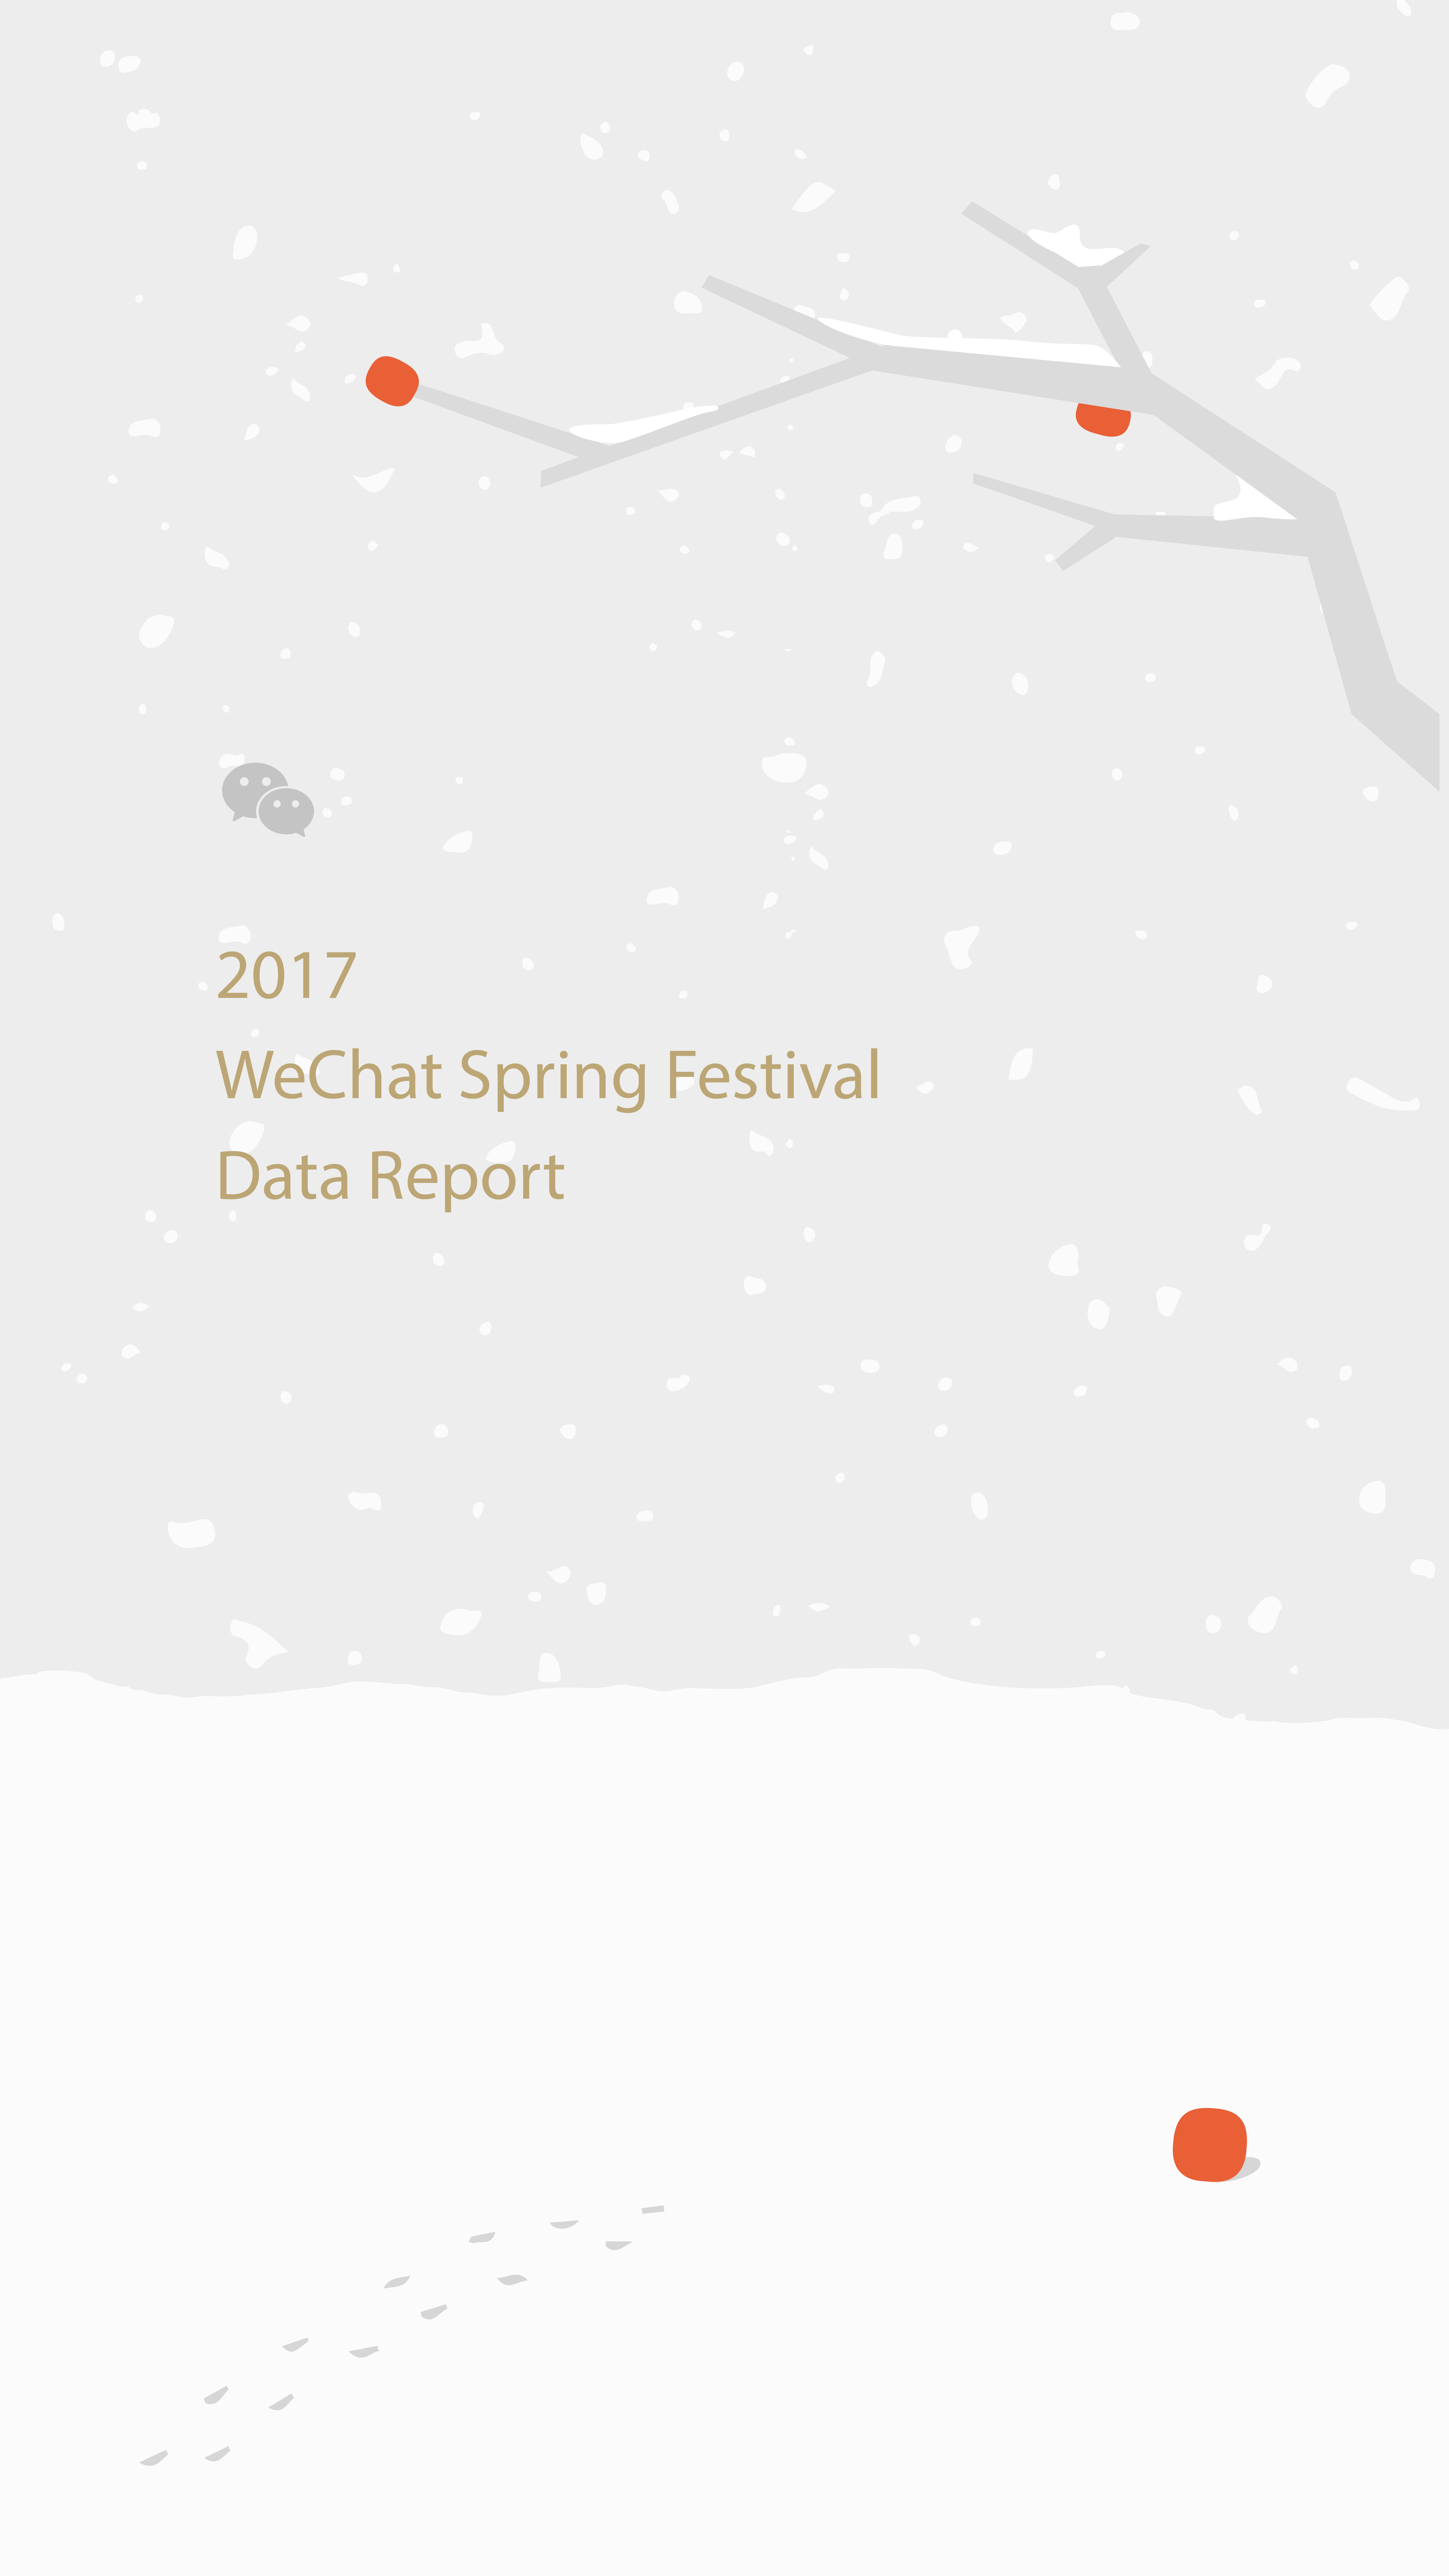 2017微信春节数据报告_170203_EN-01